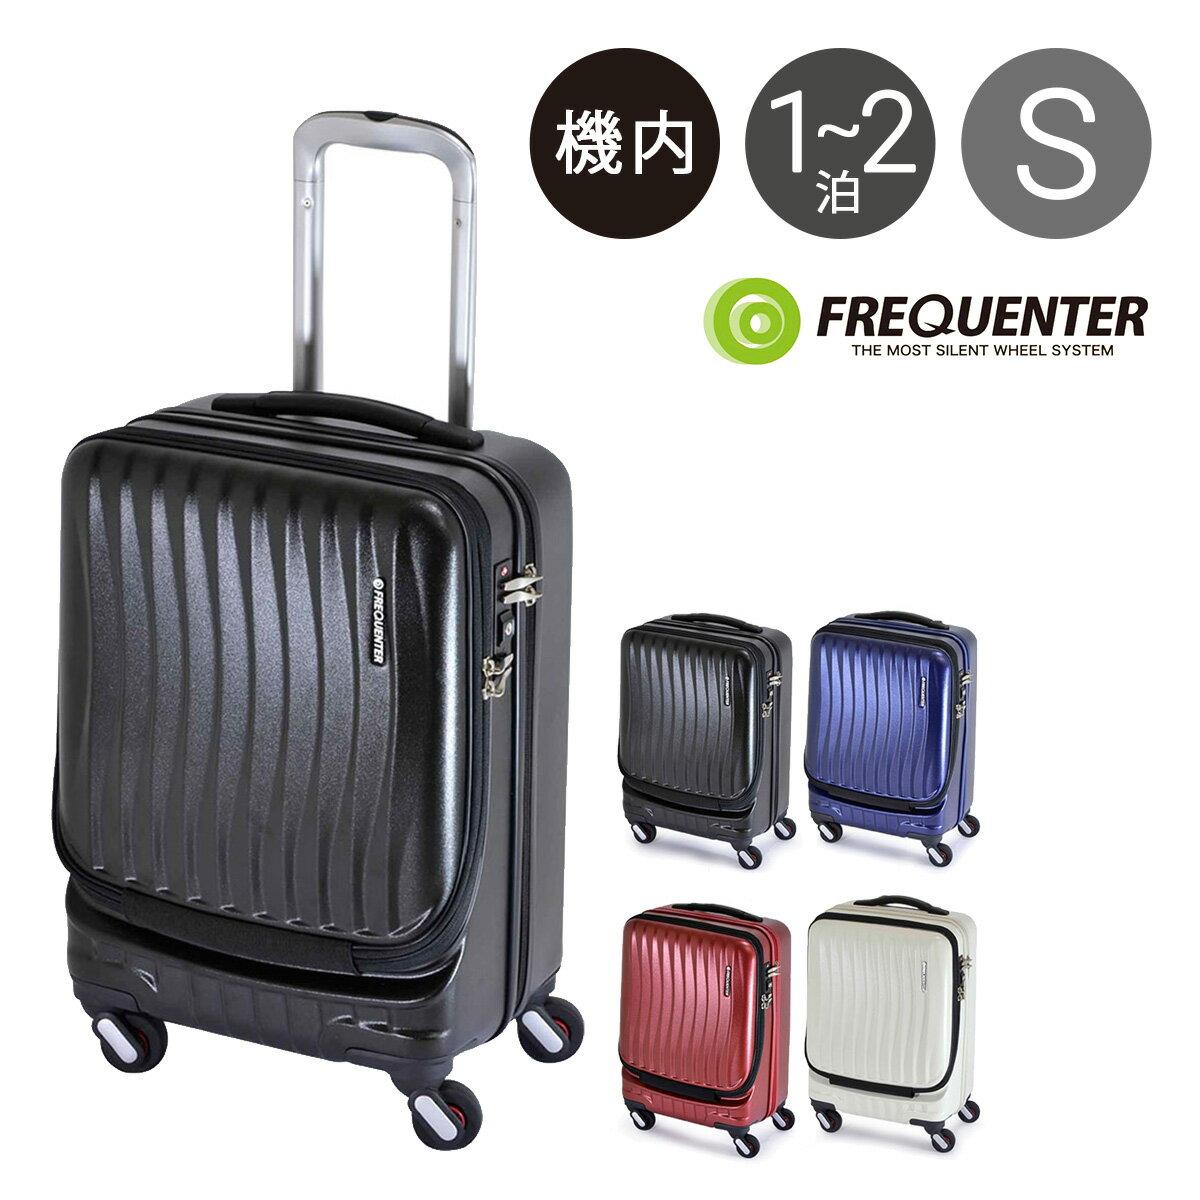 FREQUENTER スーツケース CLAM クラム 1-210 メンズ レディース ユニセックス 46cm フロントオープン エンドー鞄 キャリーケース 静音 機内持ち込み可 TSAロック搭載 フリクエンター